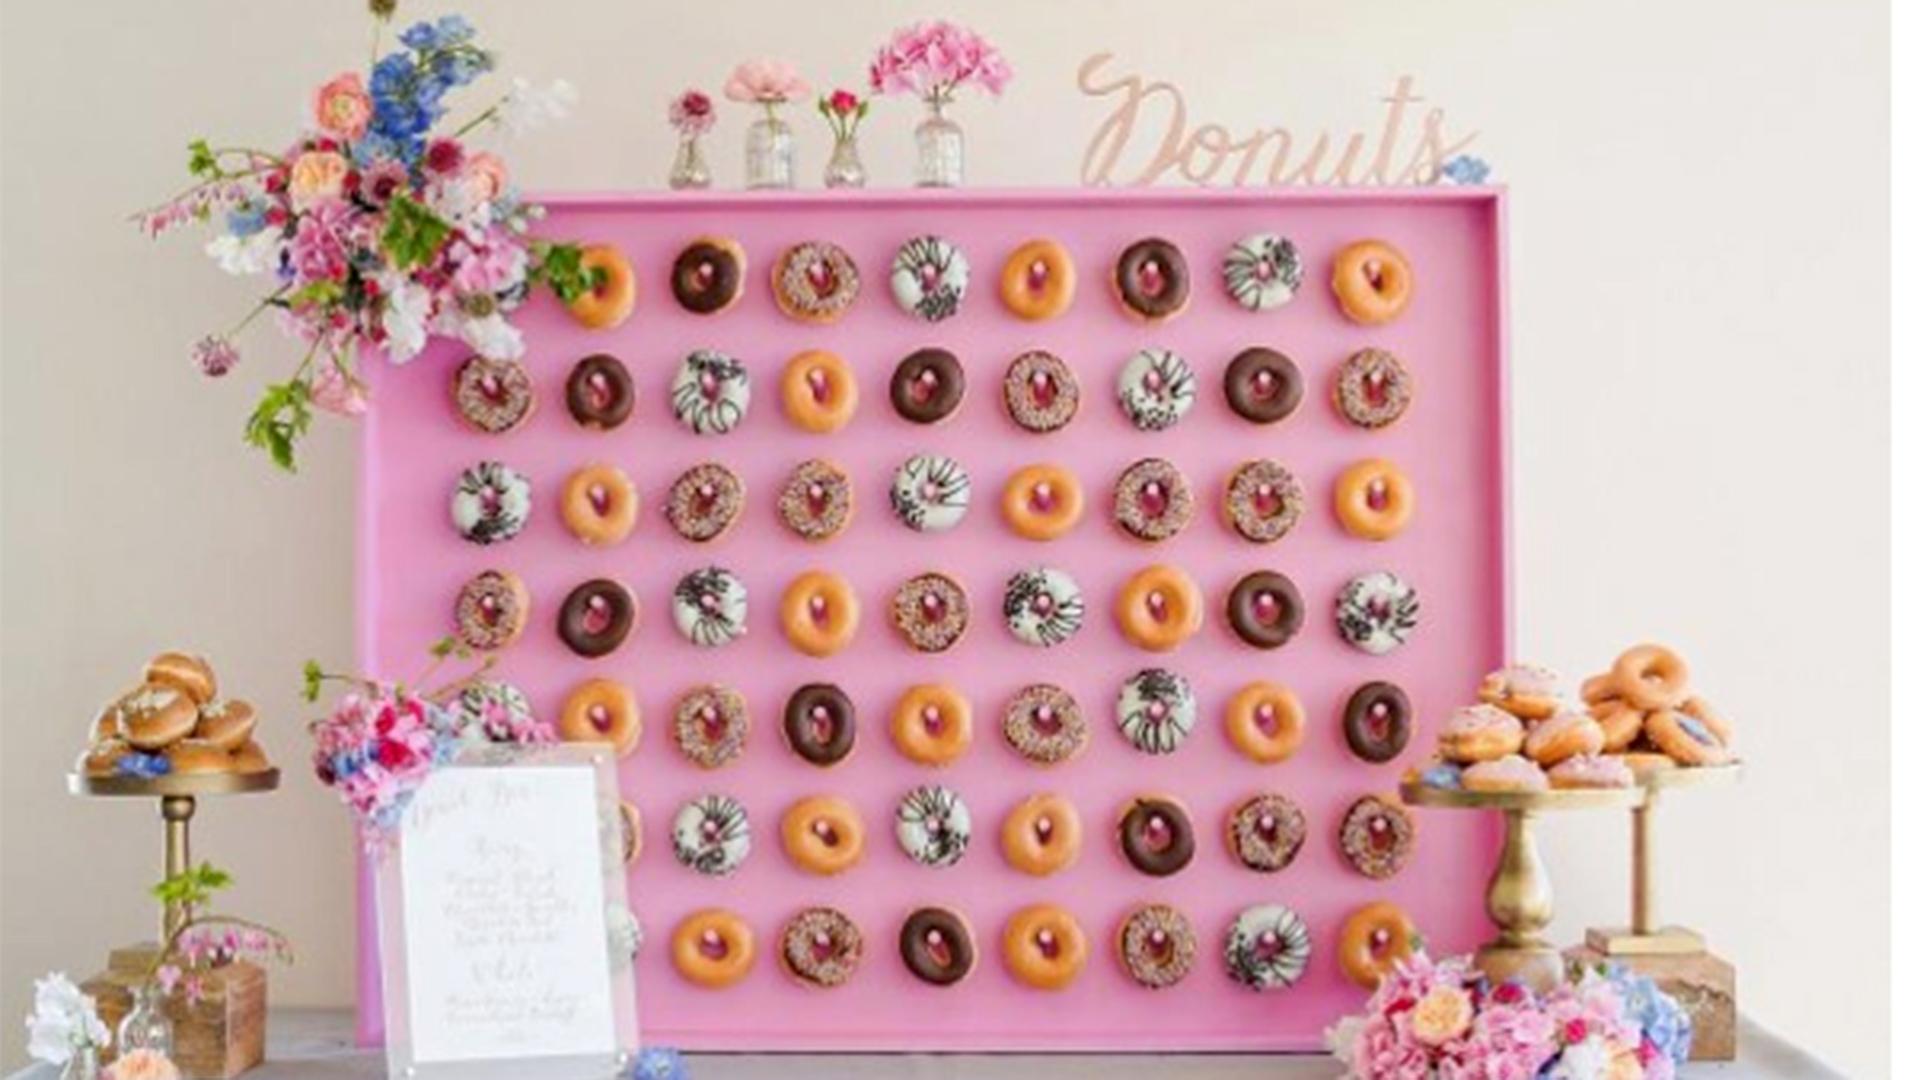 Doughnut walls?! 17 wedding food trends we're loving - TODAY.com: http://www.today.com/food/doughnut-walls-17-wedding-food-trends-we-re-loving-t102195